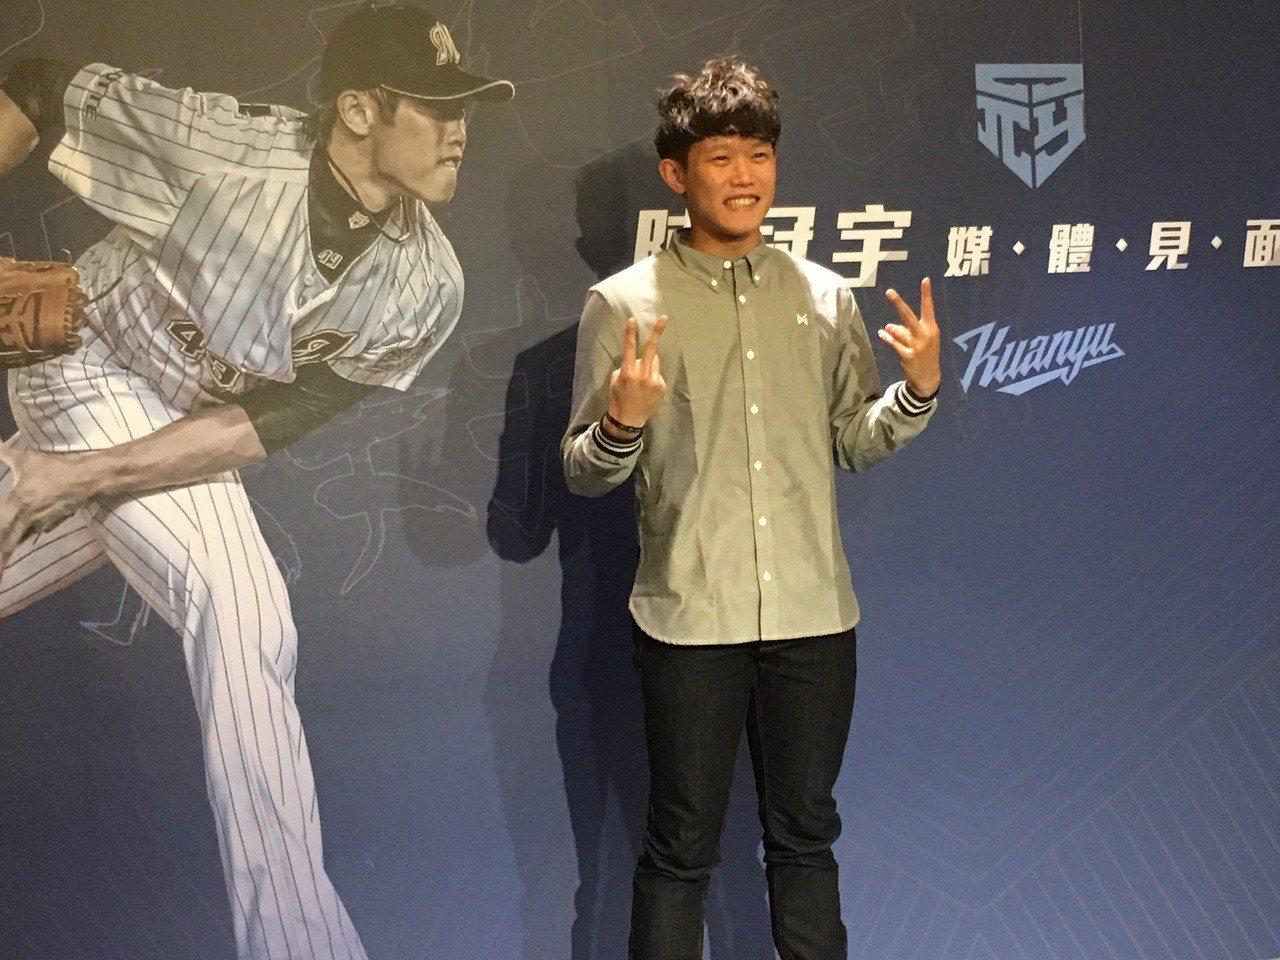 旅日投手陳冠宇在記者會上分享本季心得。記者葉姵妤/攝影